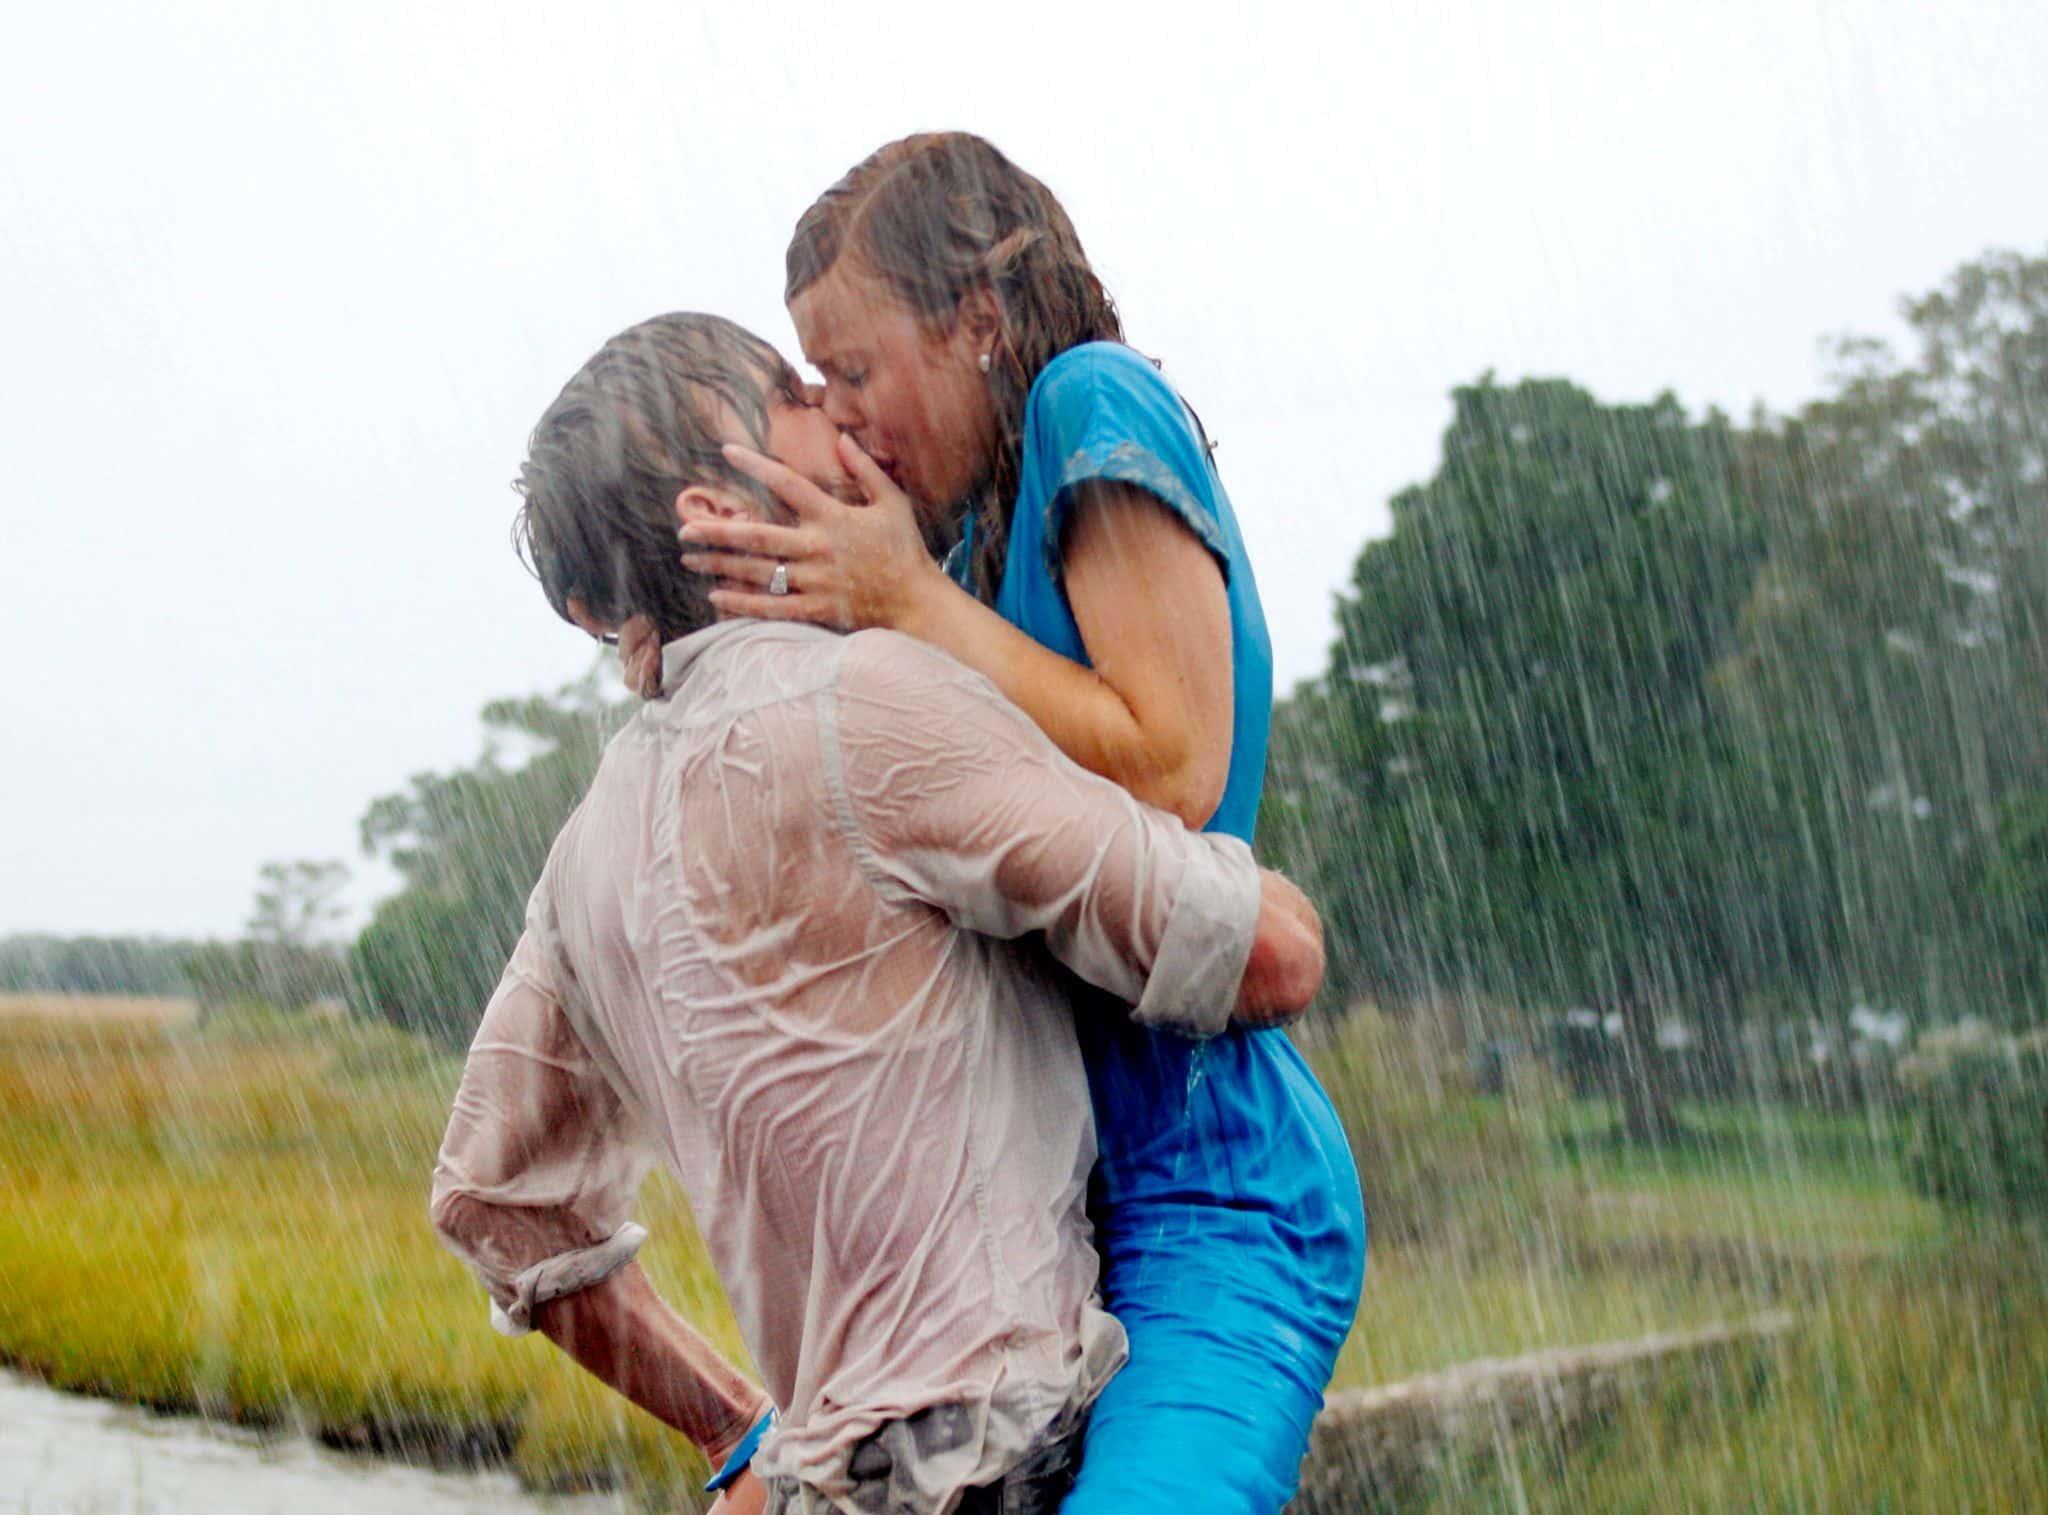 Filmes de romance Netflix: Os melhores filmes de romance para assistir